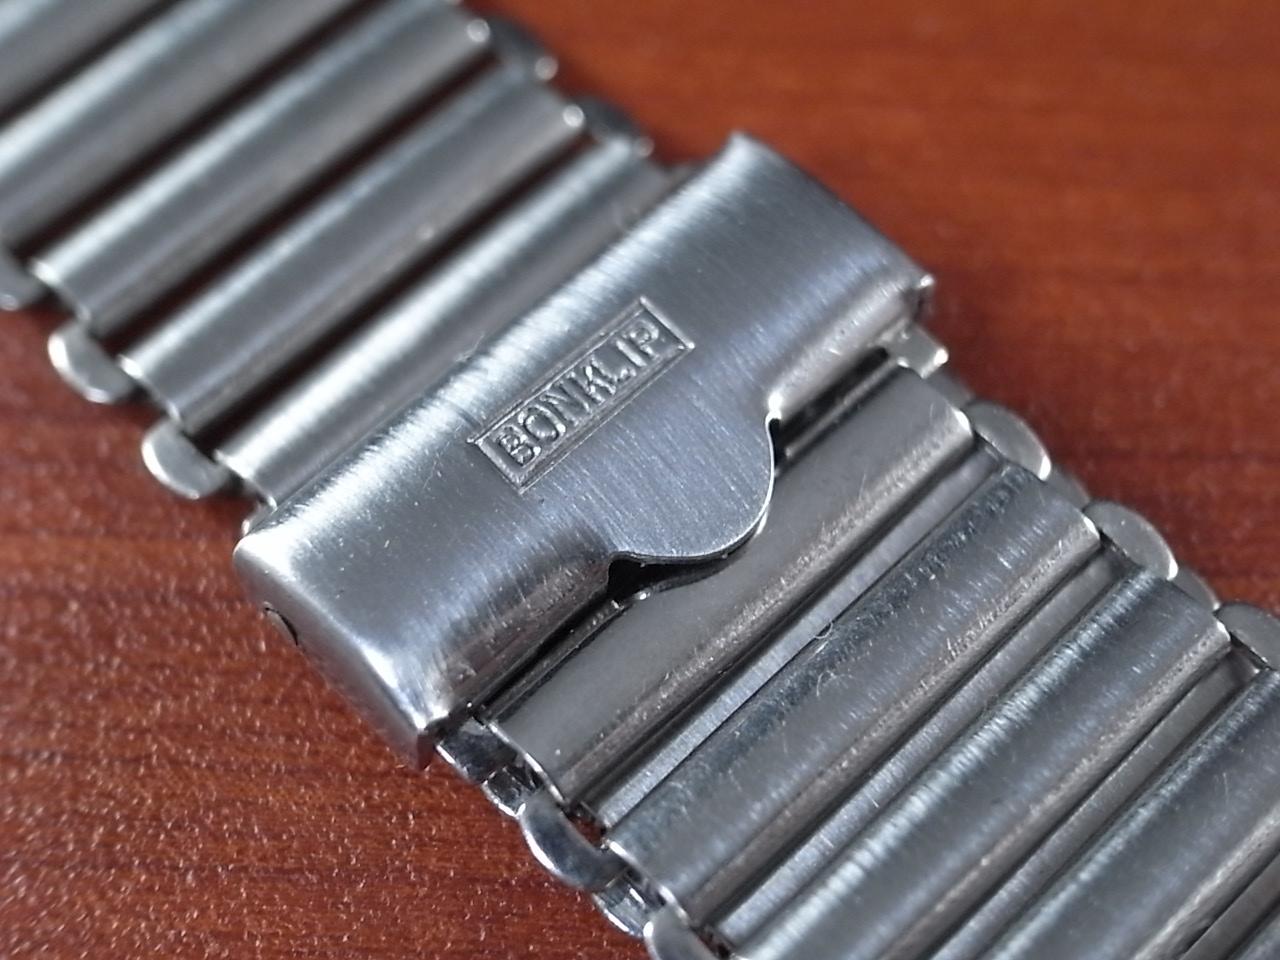 ボンクリップ バンブーブレス SS ブロック体ロゴ 16mmタイプ 16mm BONKLIPの写真2枚目